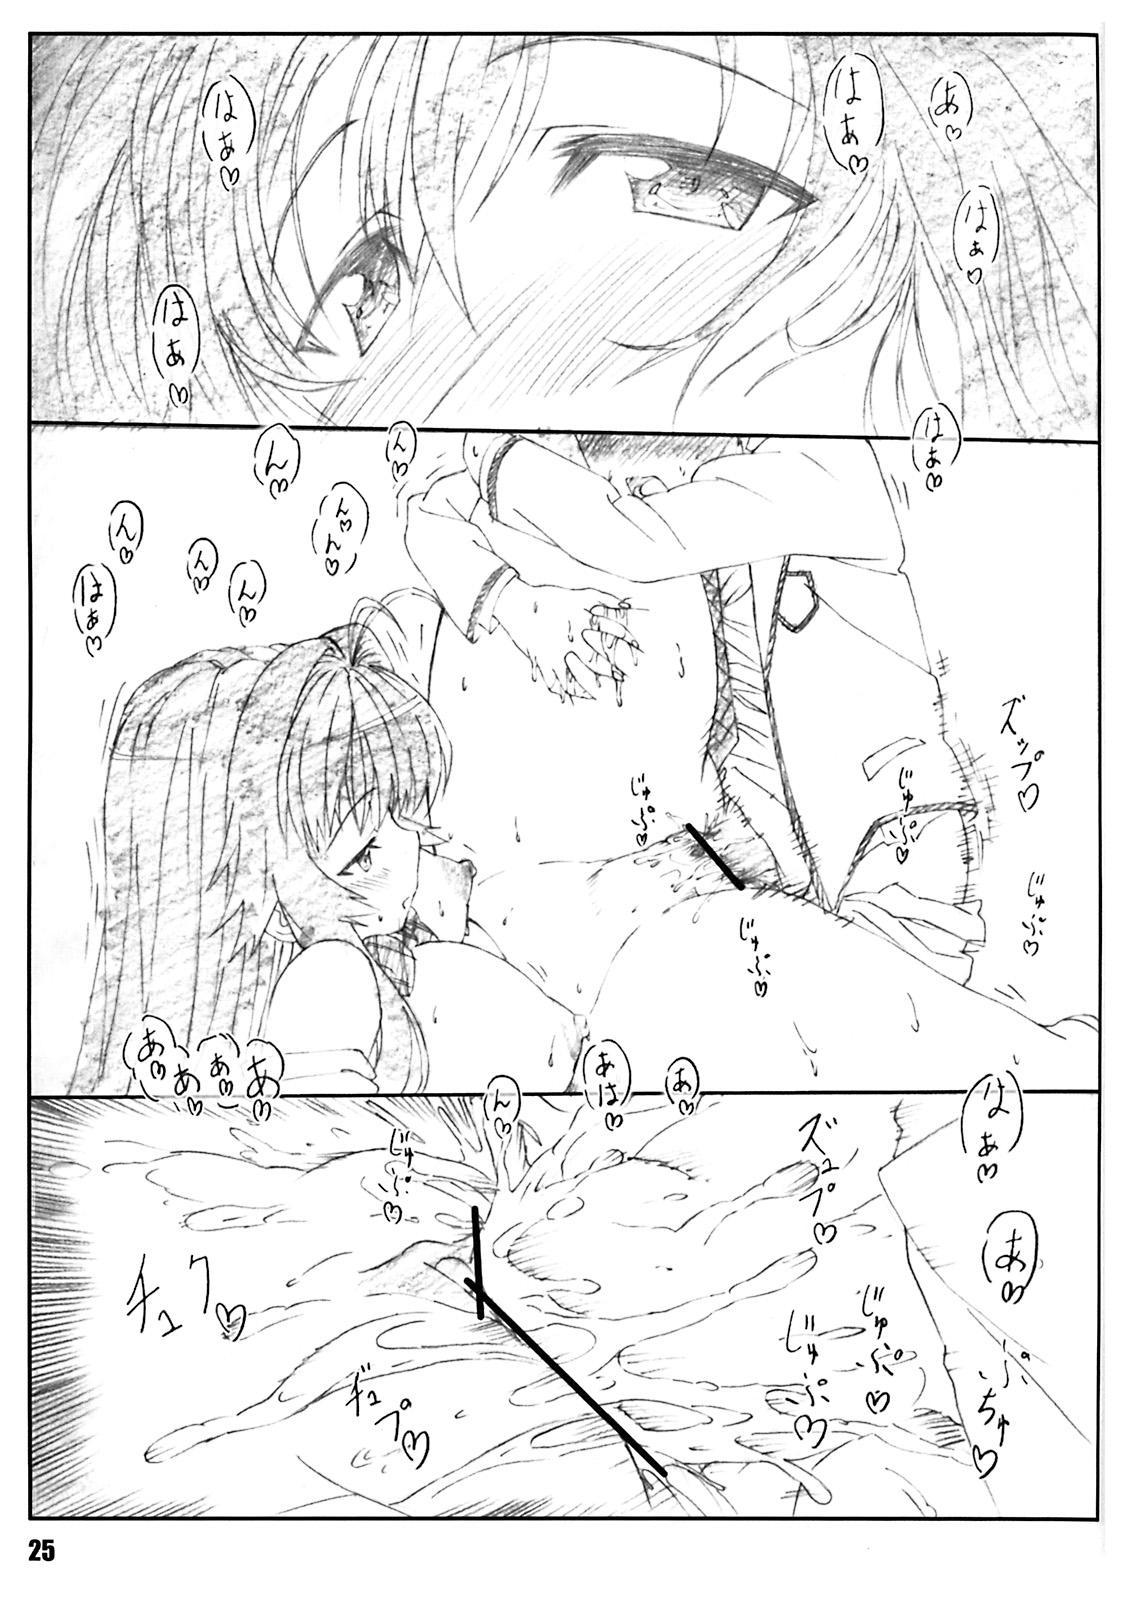 Minamoto-san 23